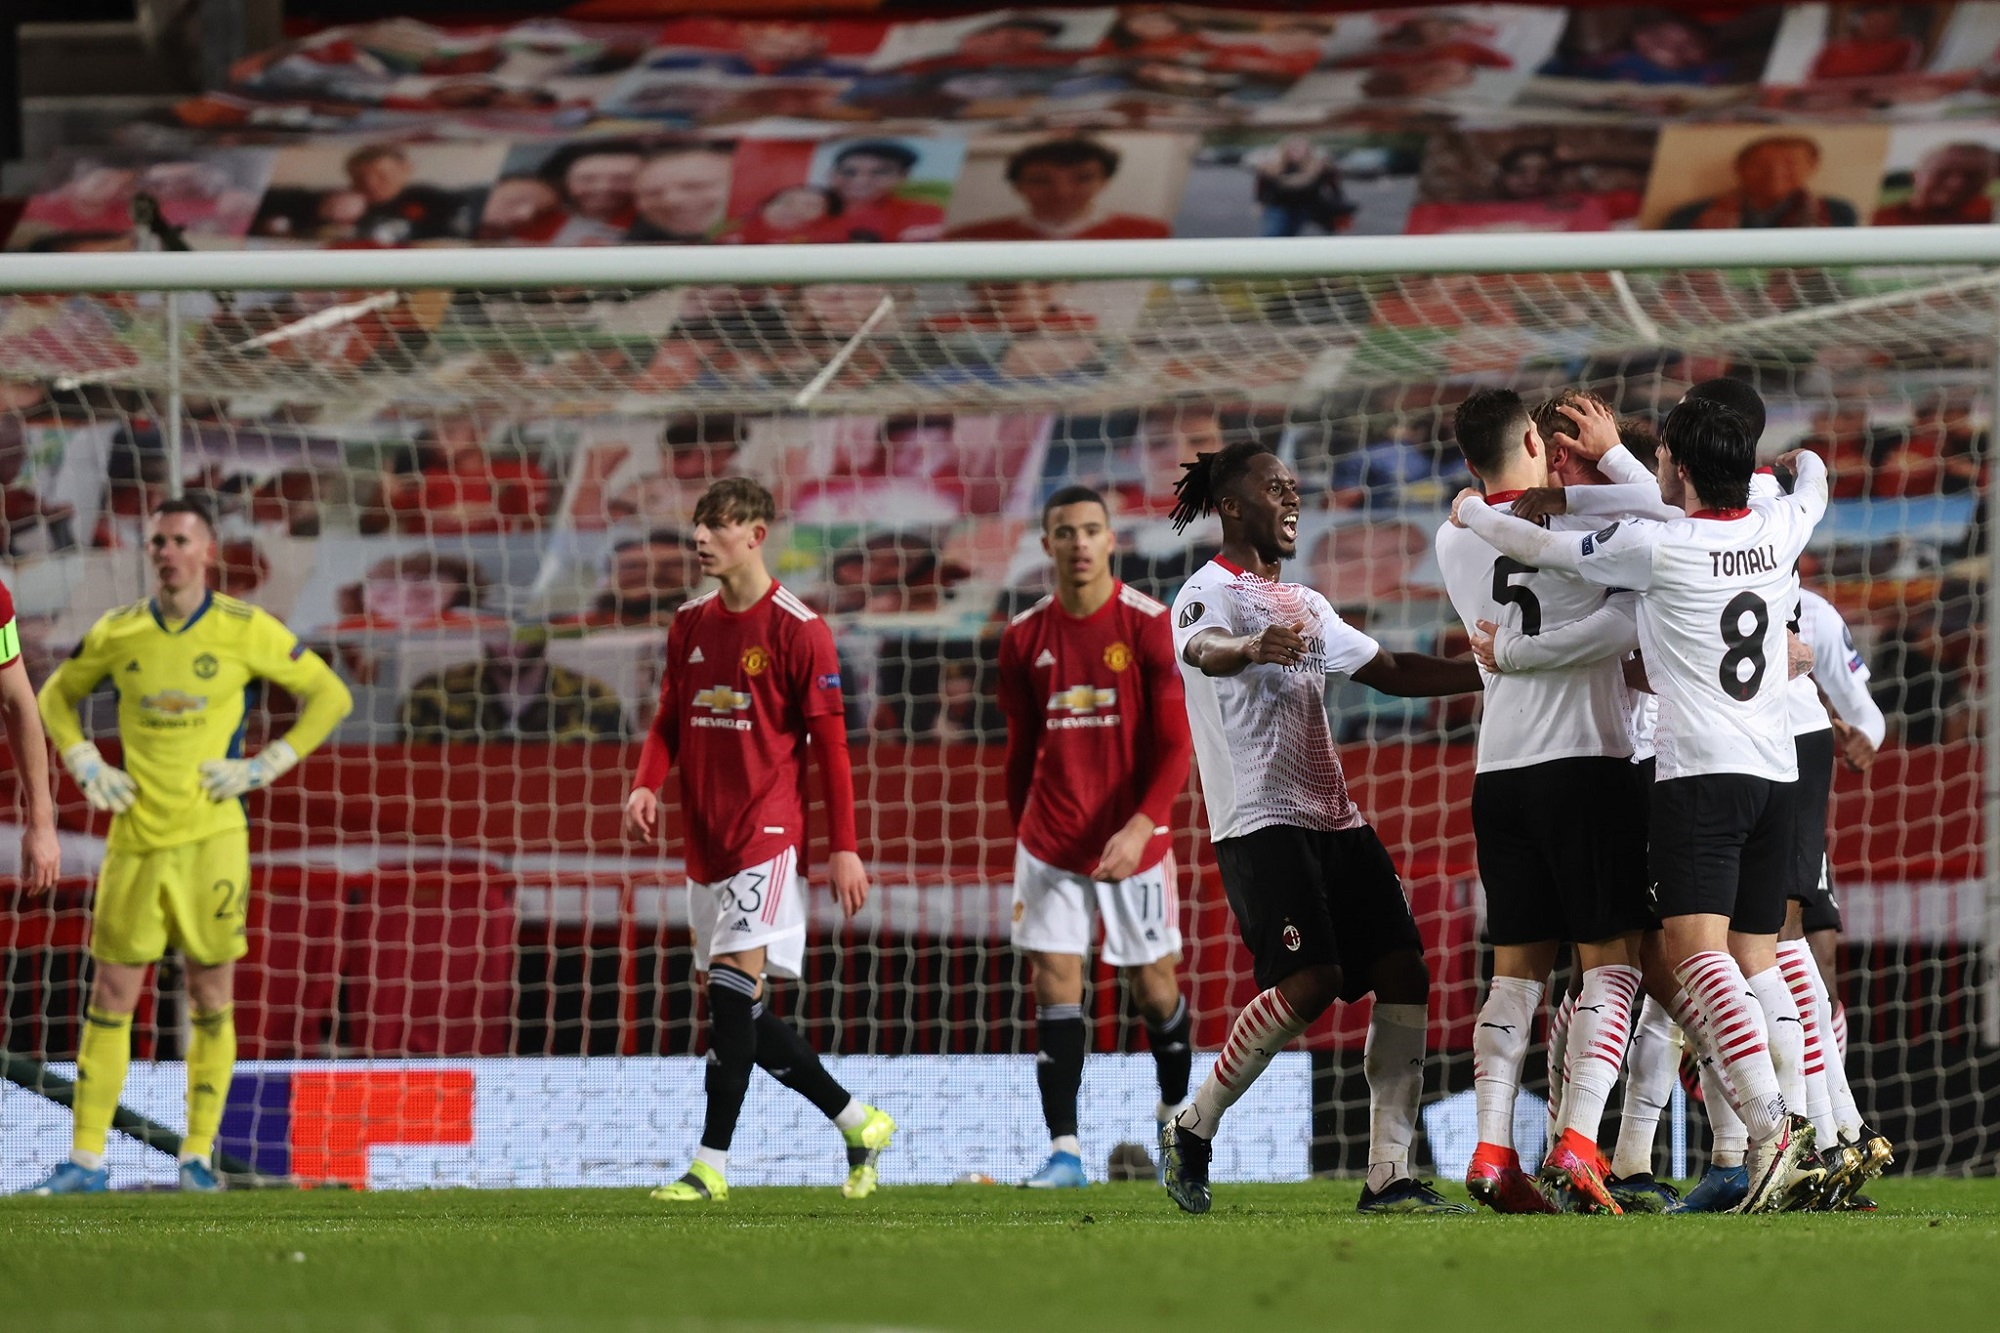 Com um golo ao cair do pano, o AC Milan parte em vantagem para a segunda mão frente ao Manchester United.